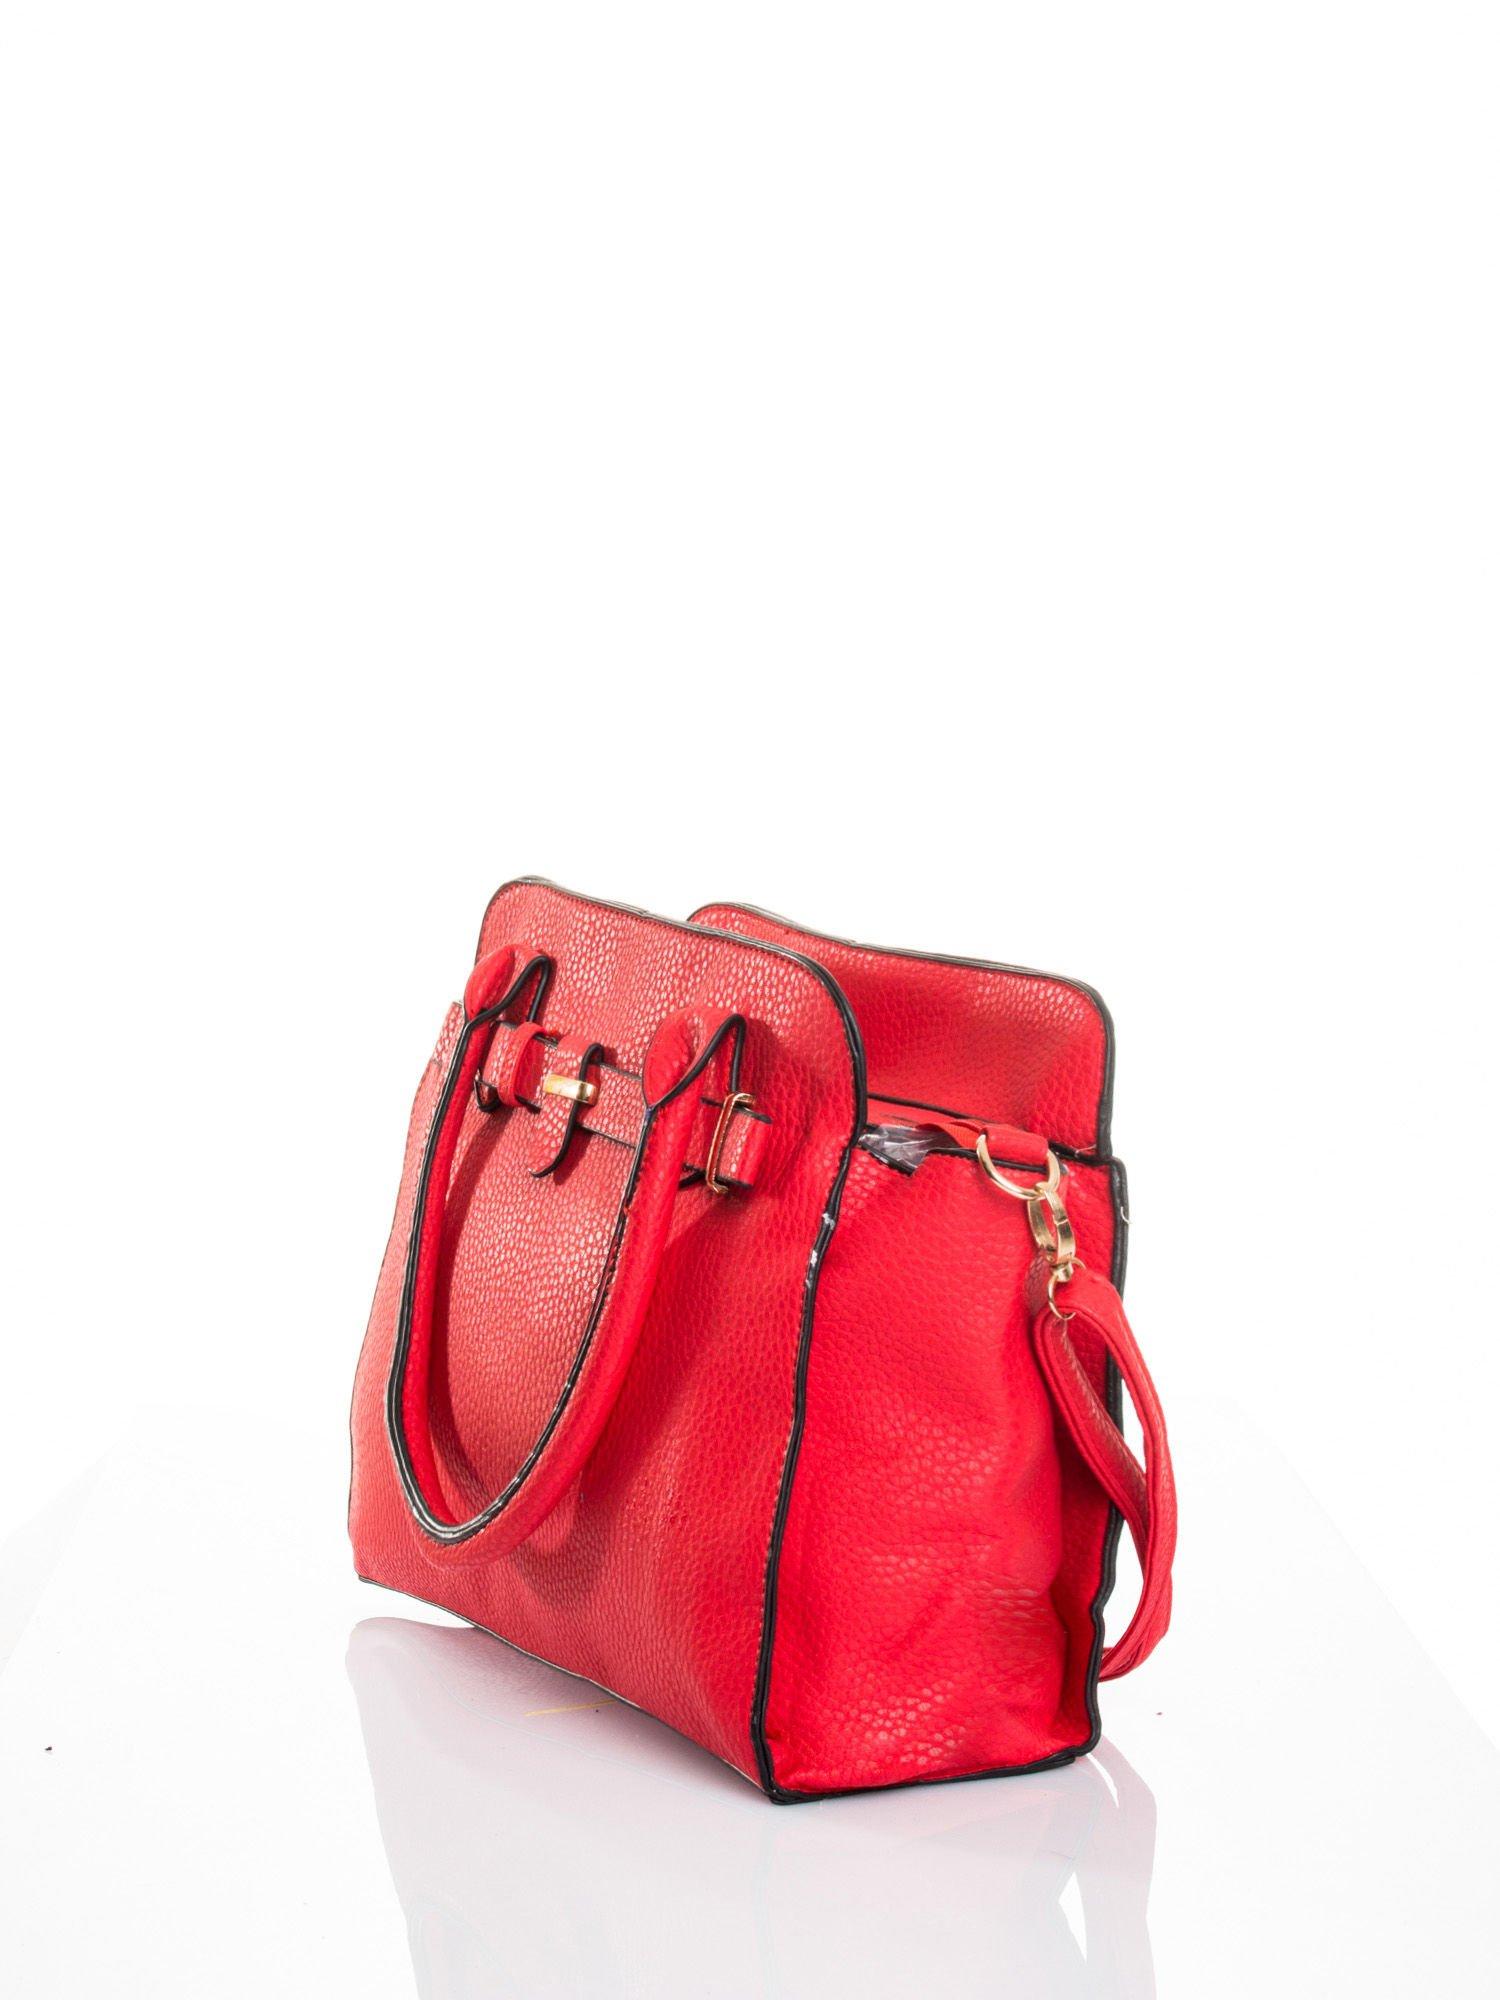 Czerwona torba z klamrami z odpinanym paskiem                                  zdj.                                  4